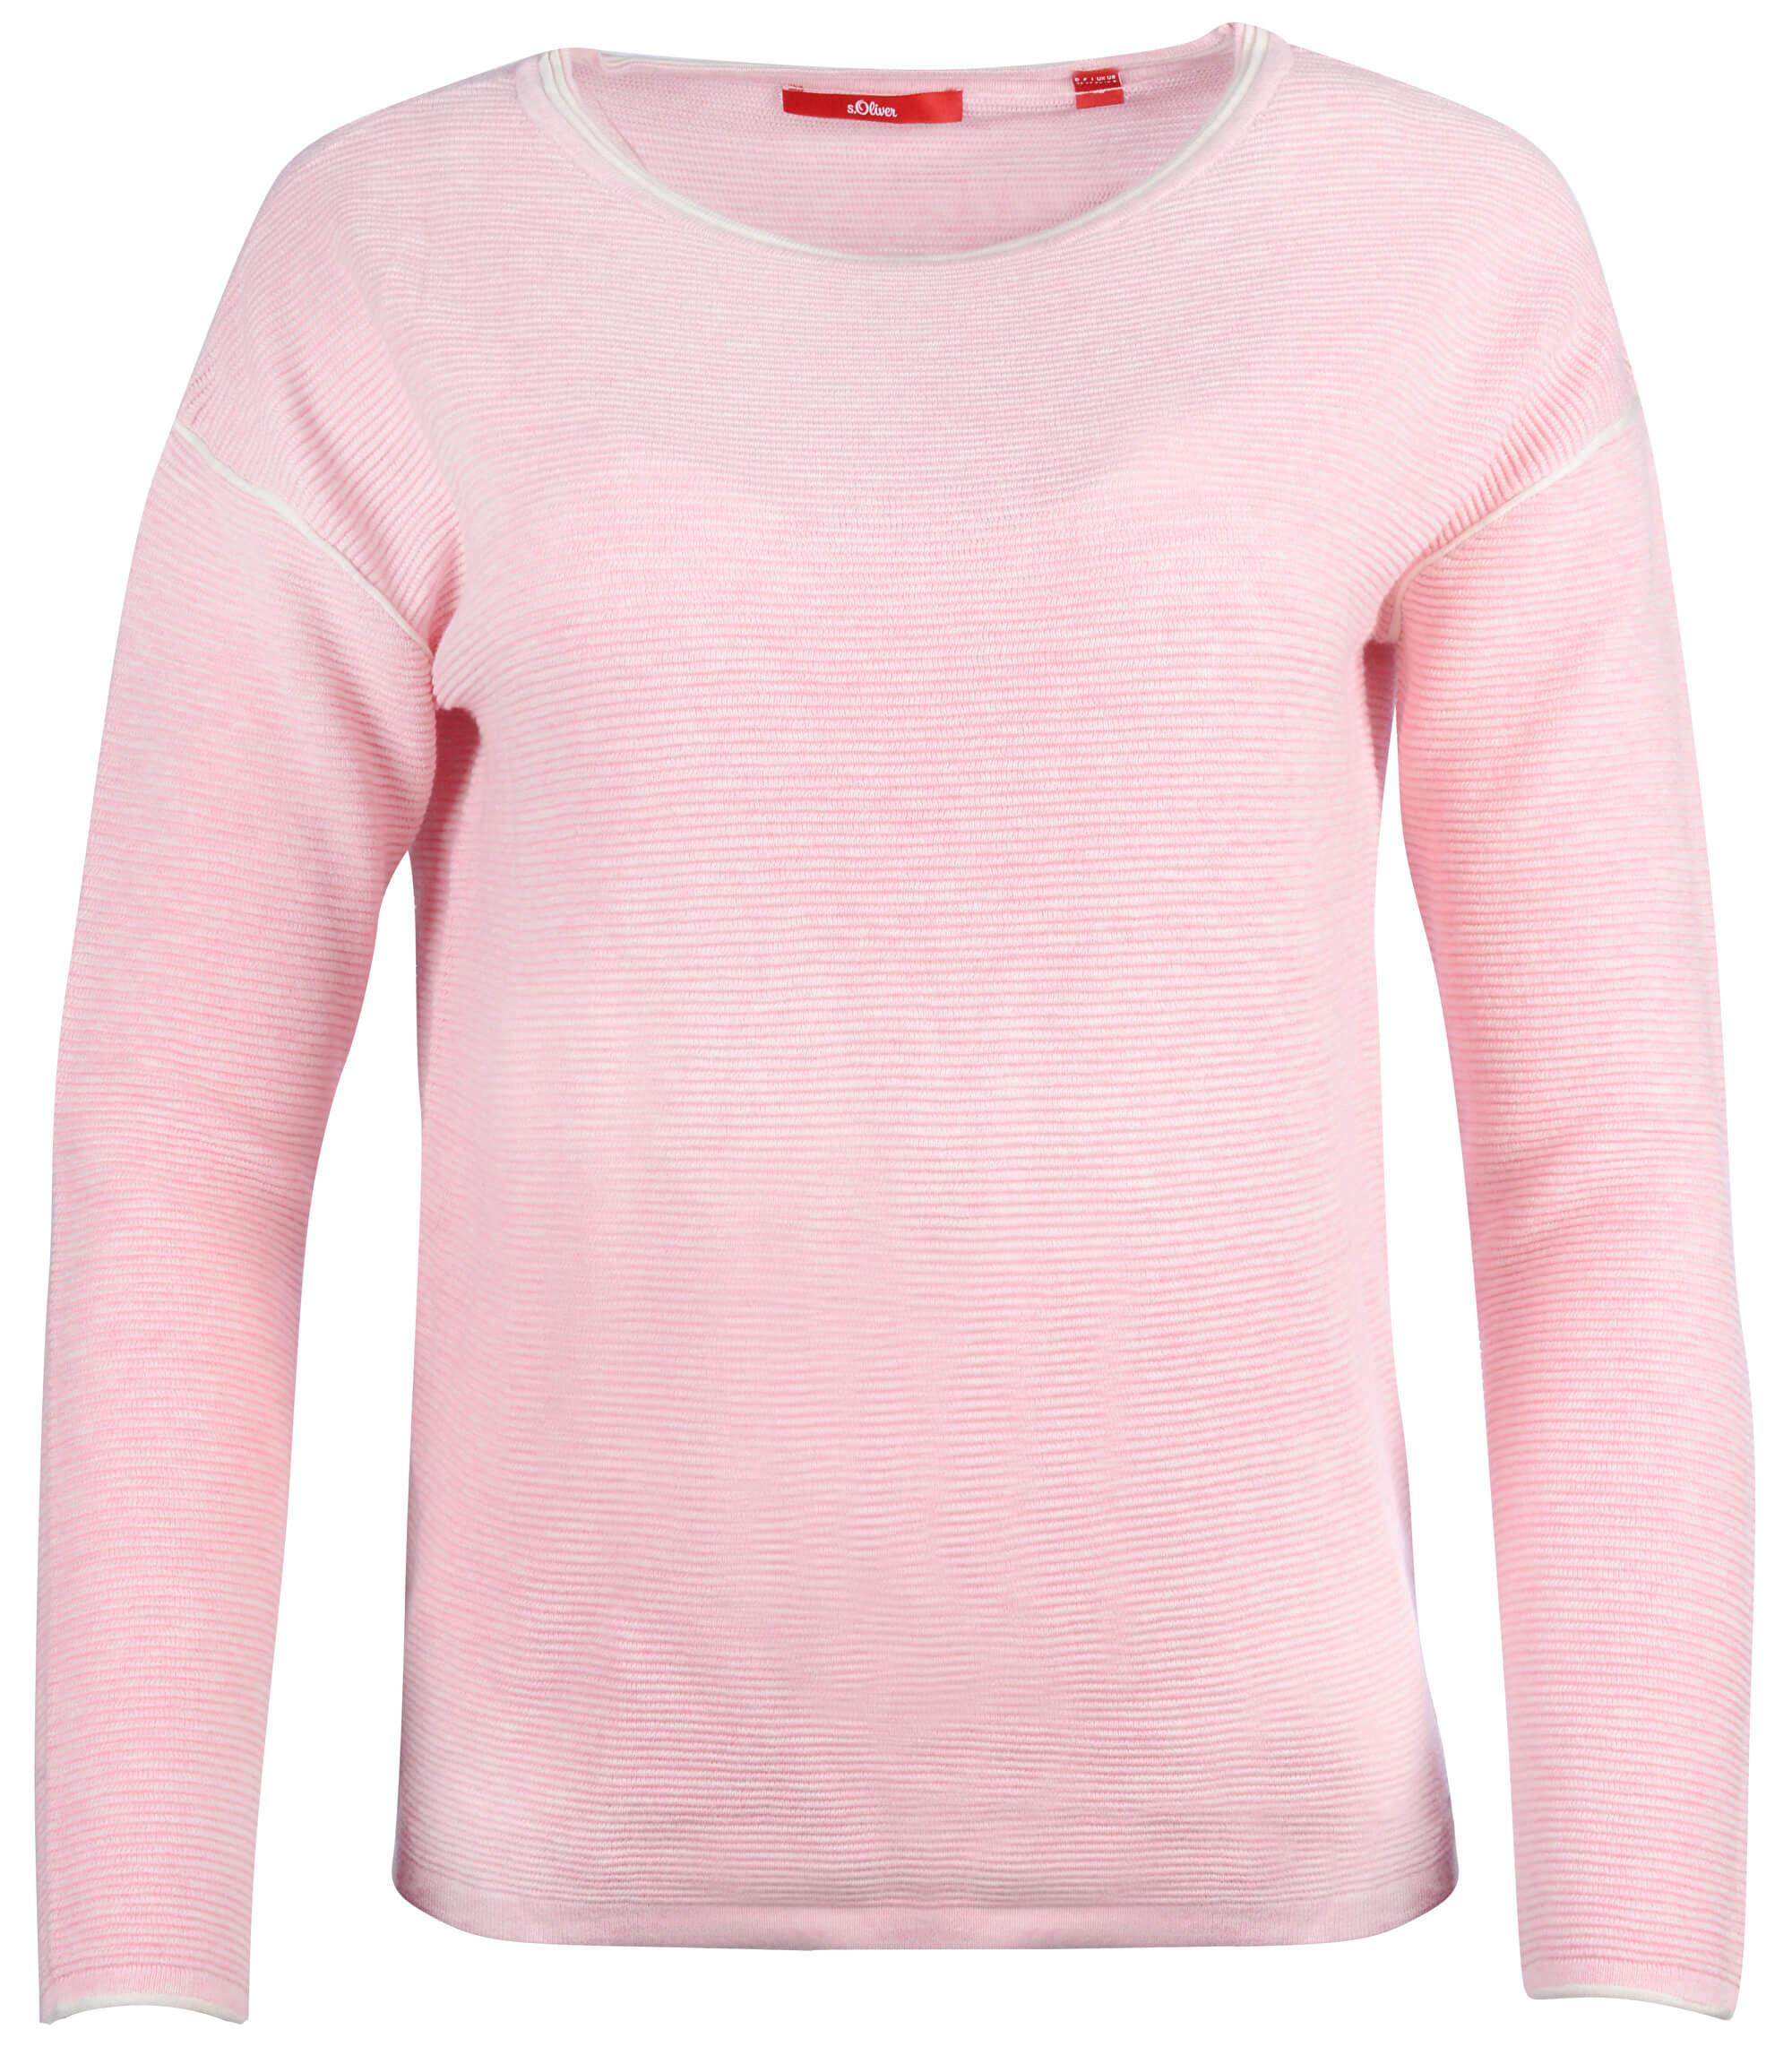 S.Oliver Pink női pulóver 14.711.61.4206.42W0  05c309e5d0